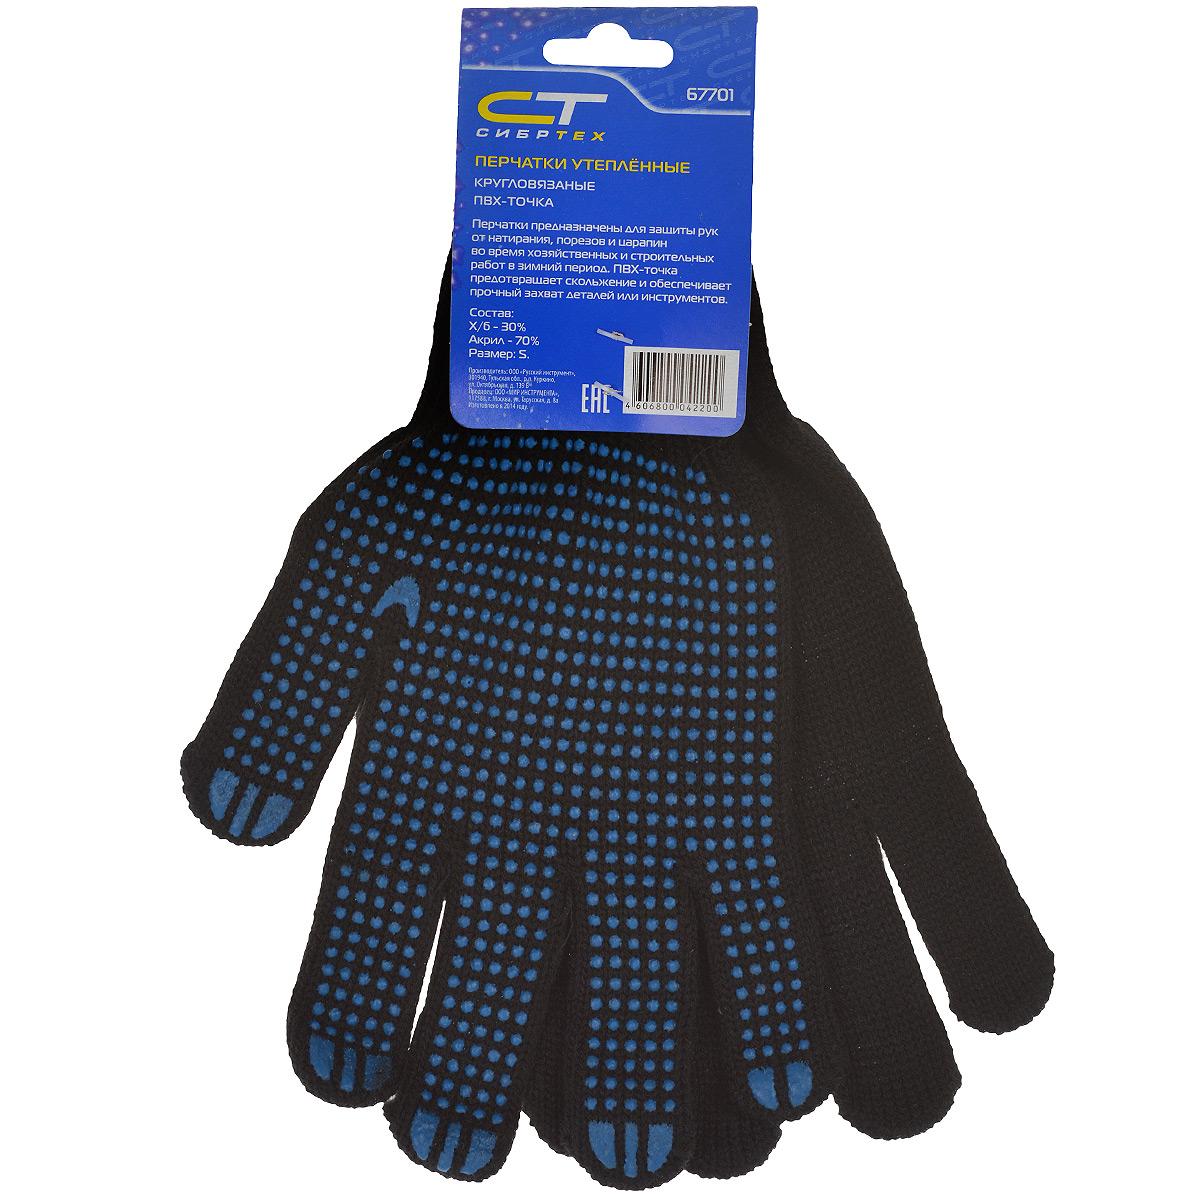 Перчатки утепленные Сибртех. Размер S перчатки утепленные newton per48 русские львы